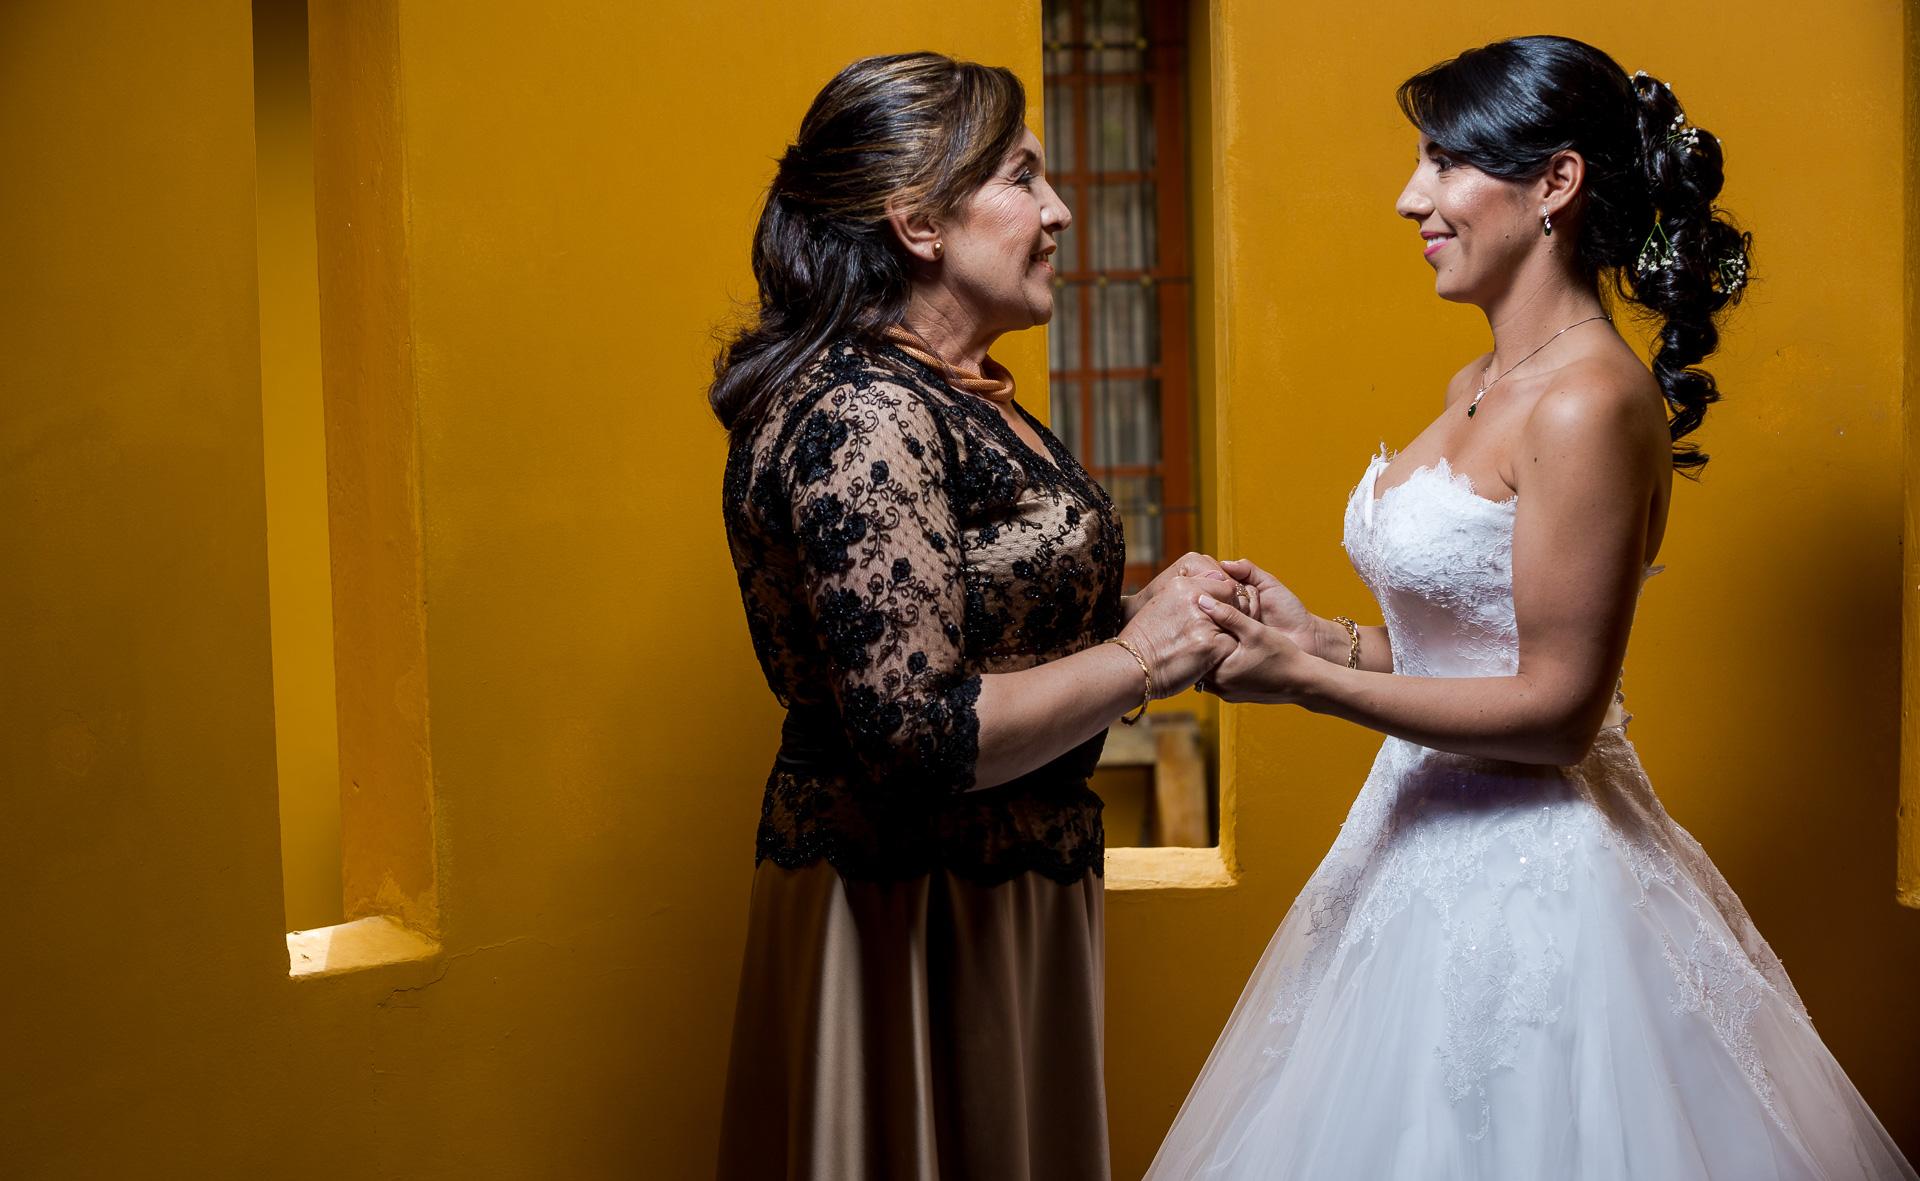 Fotógrafos-de-bodas-en-Colombia-Angela-y-Antonio-21 ANGELA Y ANTONIO